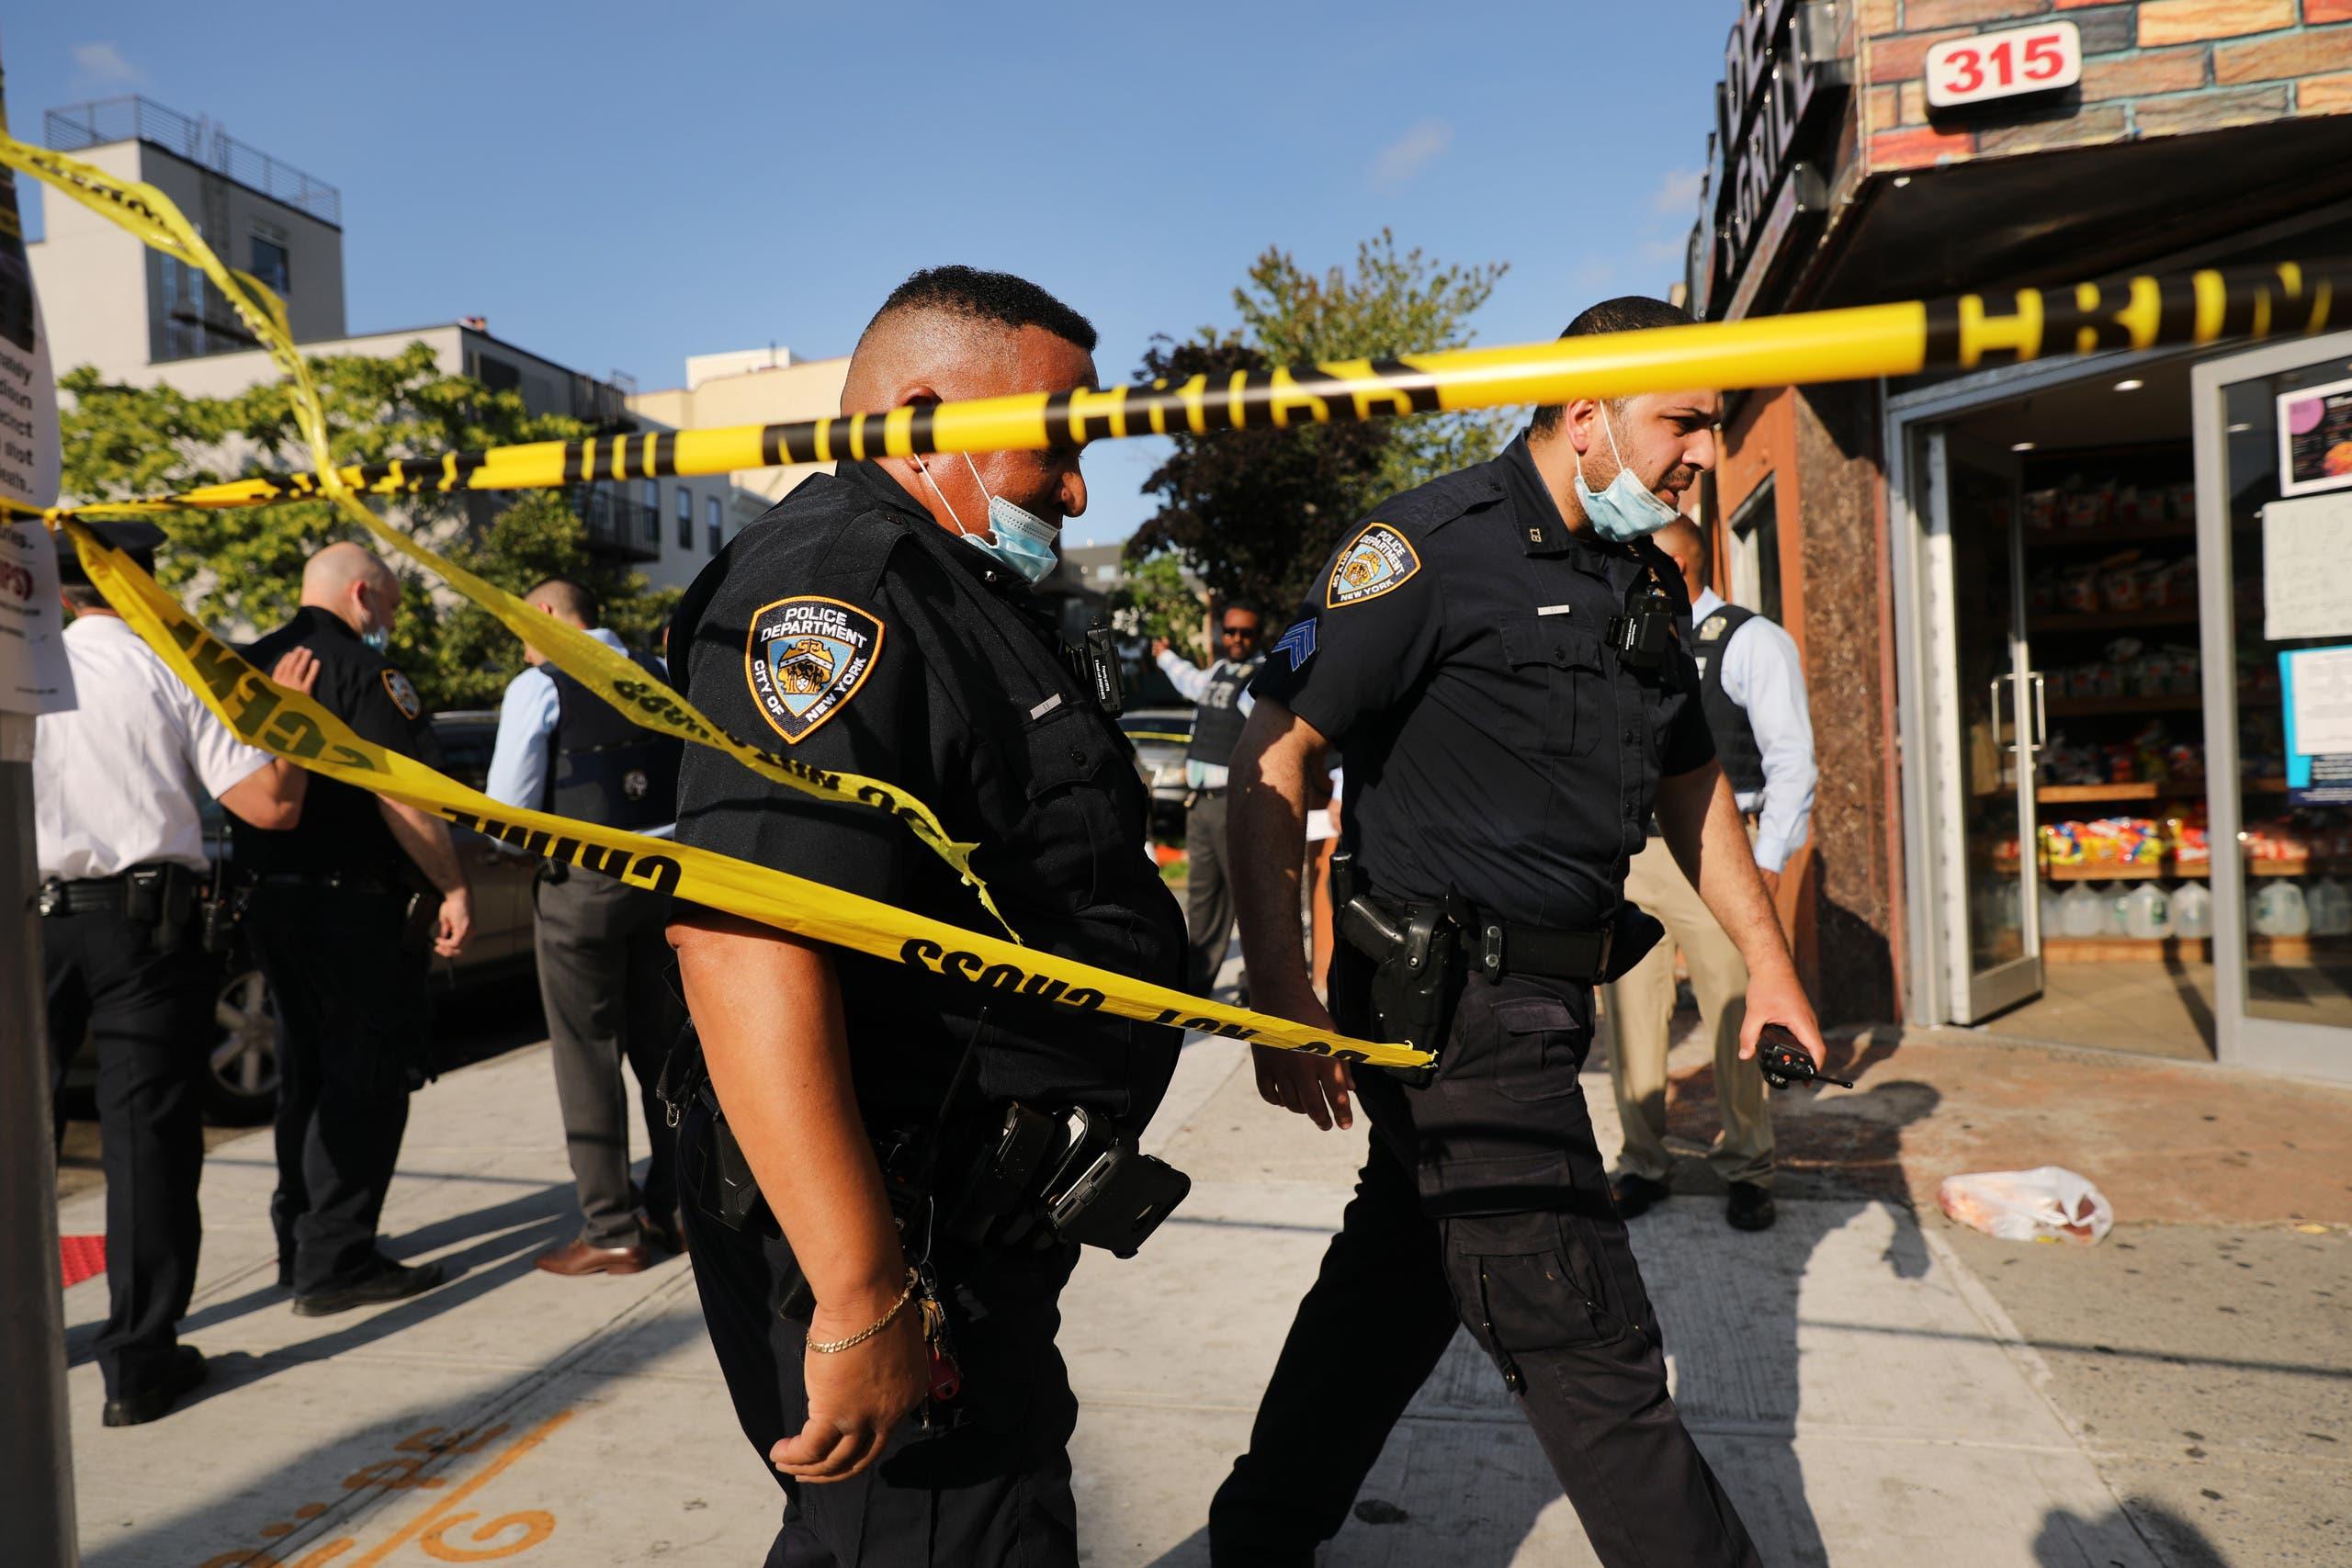 الشرطة في موقع وقوع جريمة في نيويورك الخميس